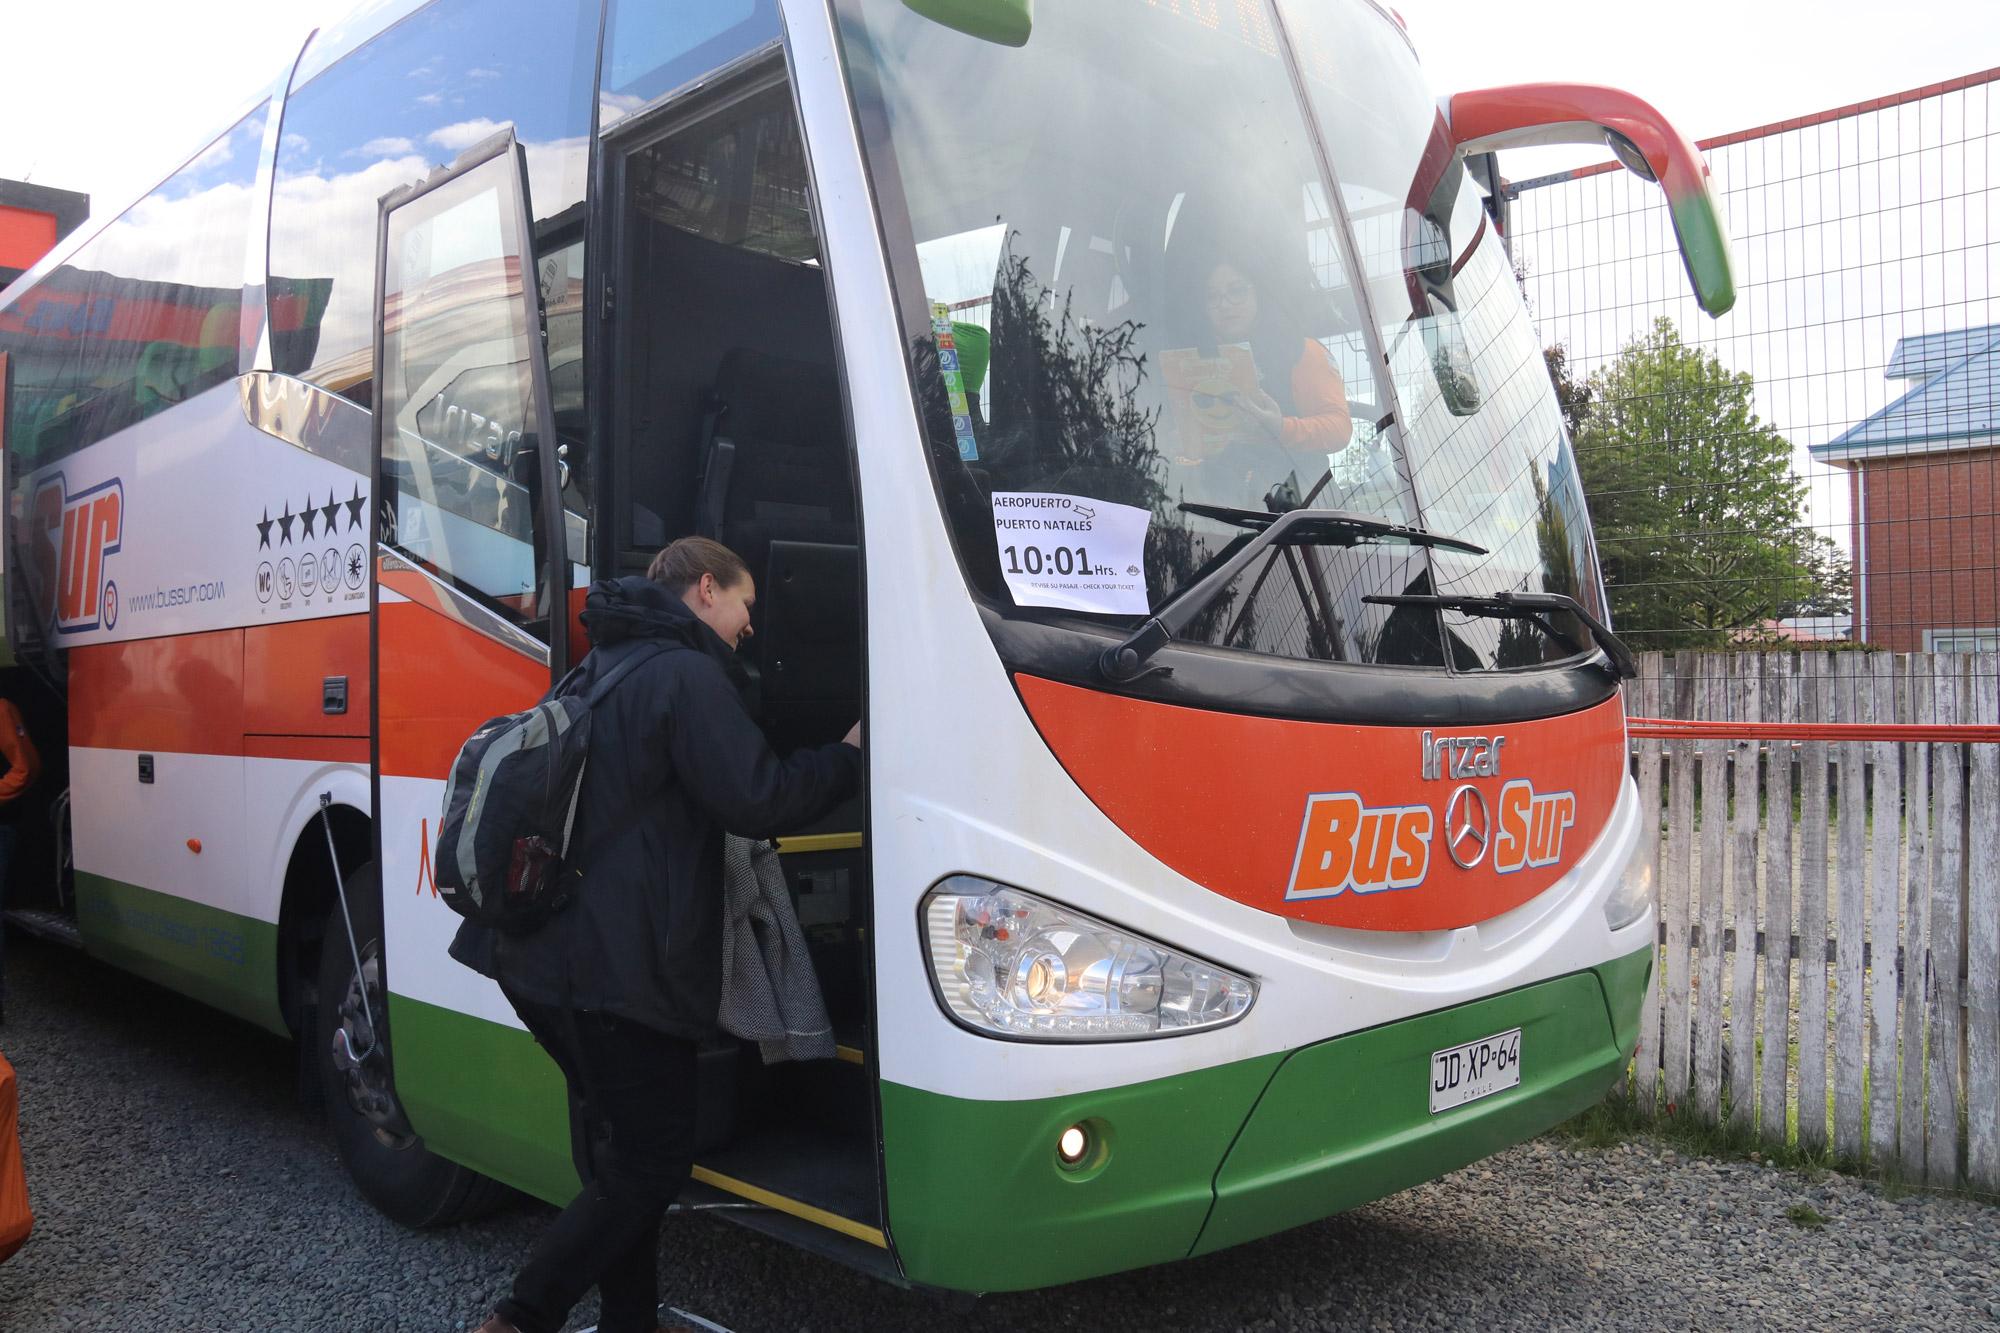 Patagonië - Met de bus van Punta Arenas naar Puerto Natales